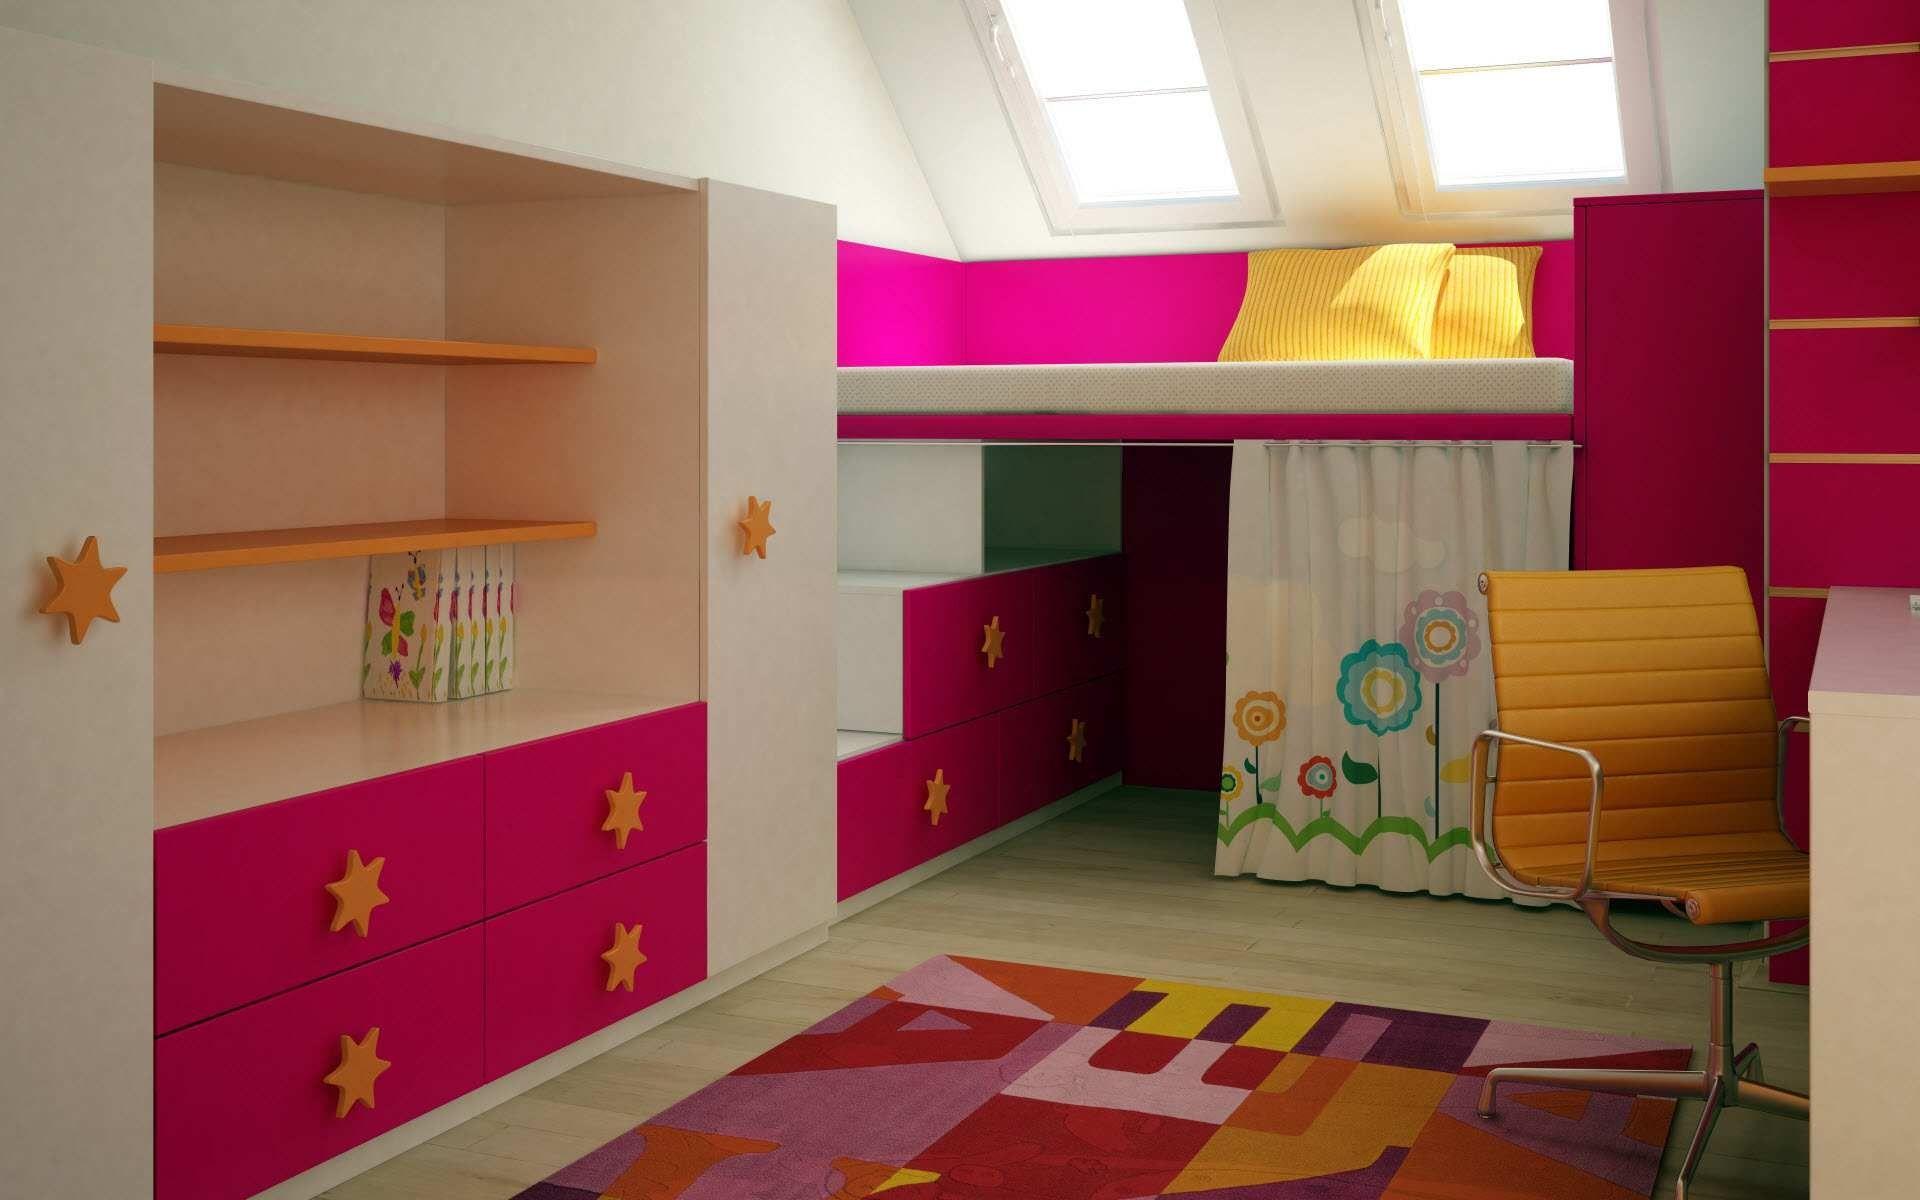 Bedroom Designs Kids Kapcsolódó Kép  Lakástextilpárnafüggönyállatkákpapucsok